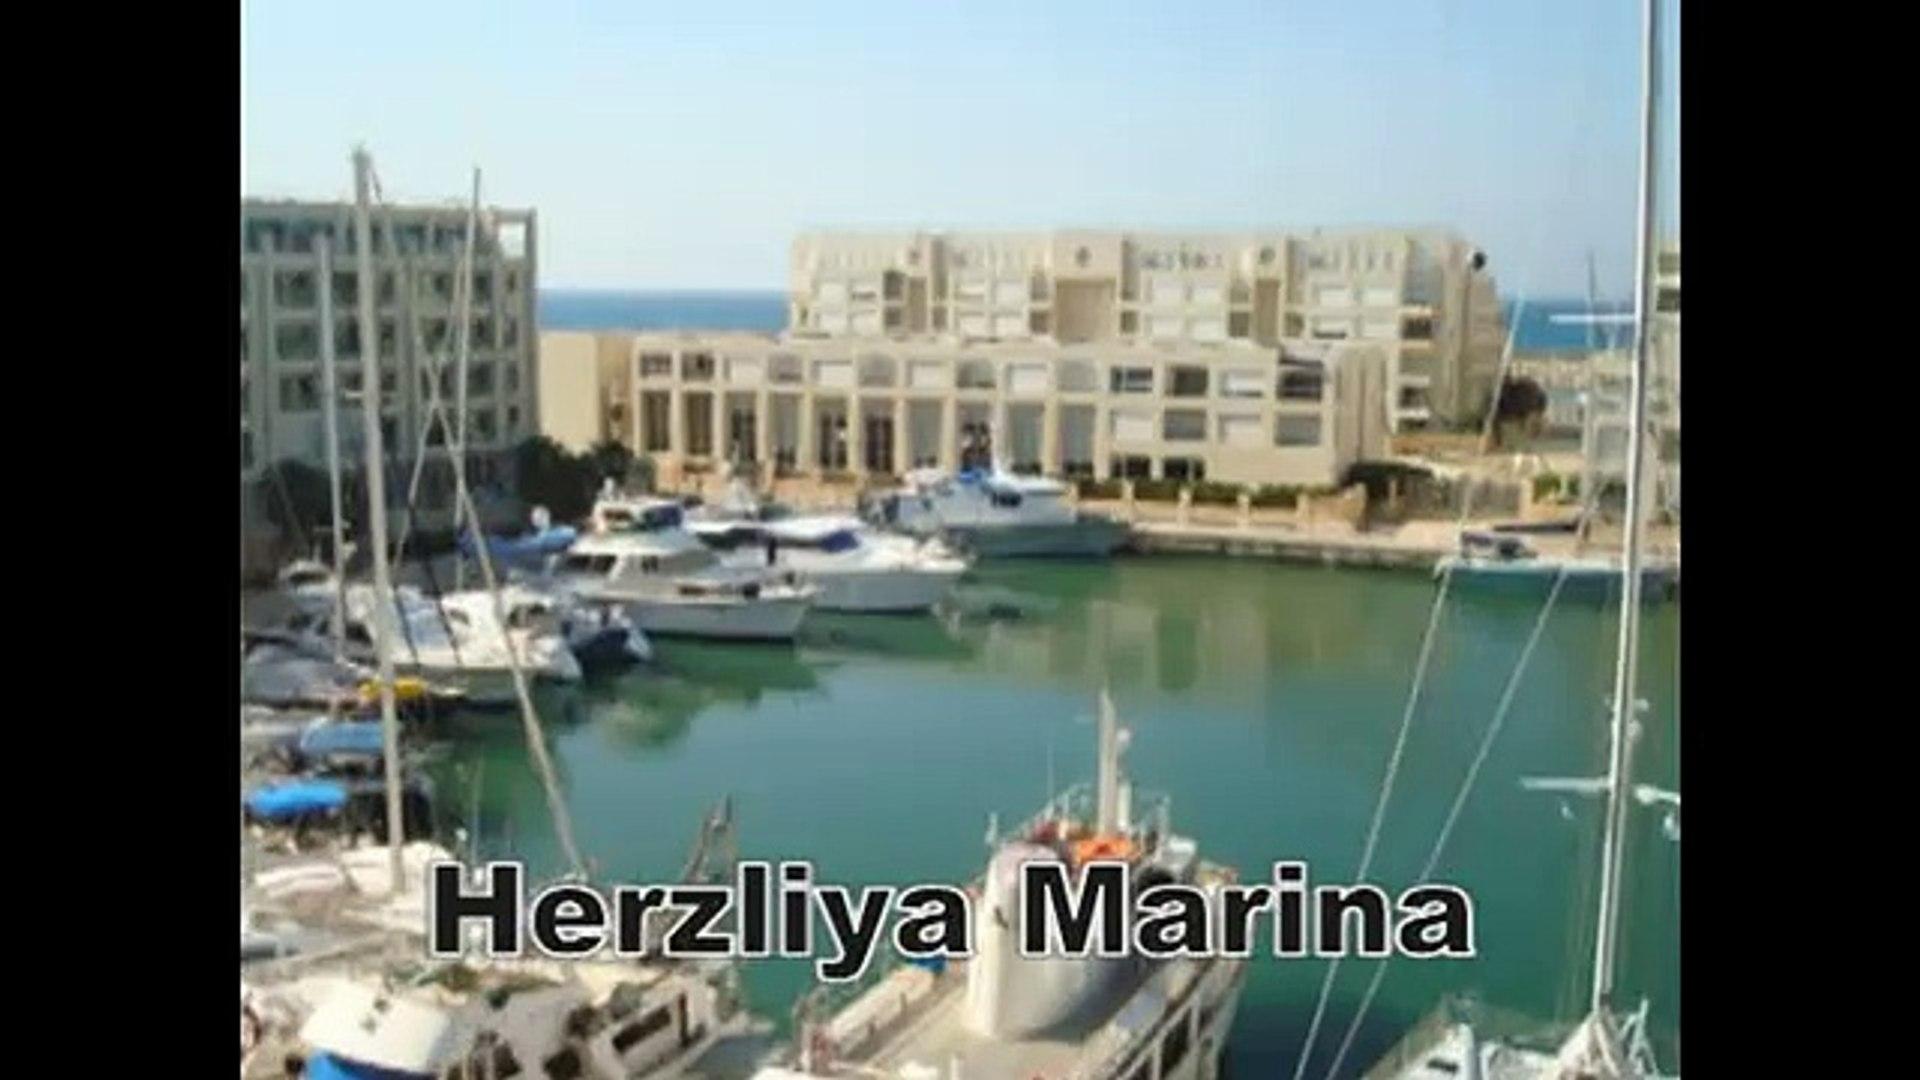 Israel best sleeping arrangements, Israel lodging , Israel Hotel replacement